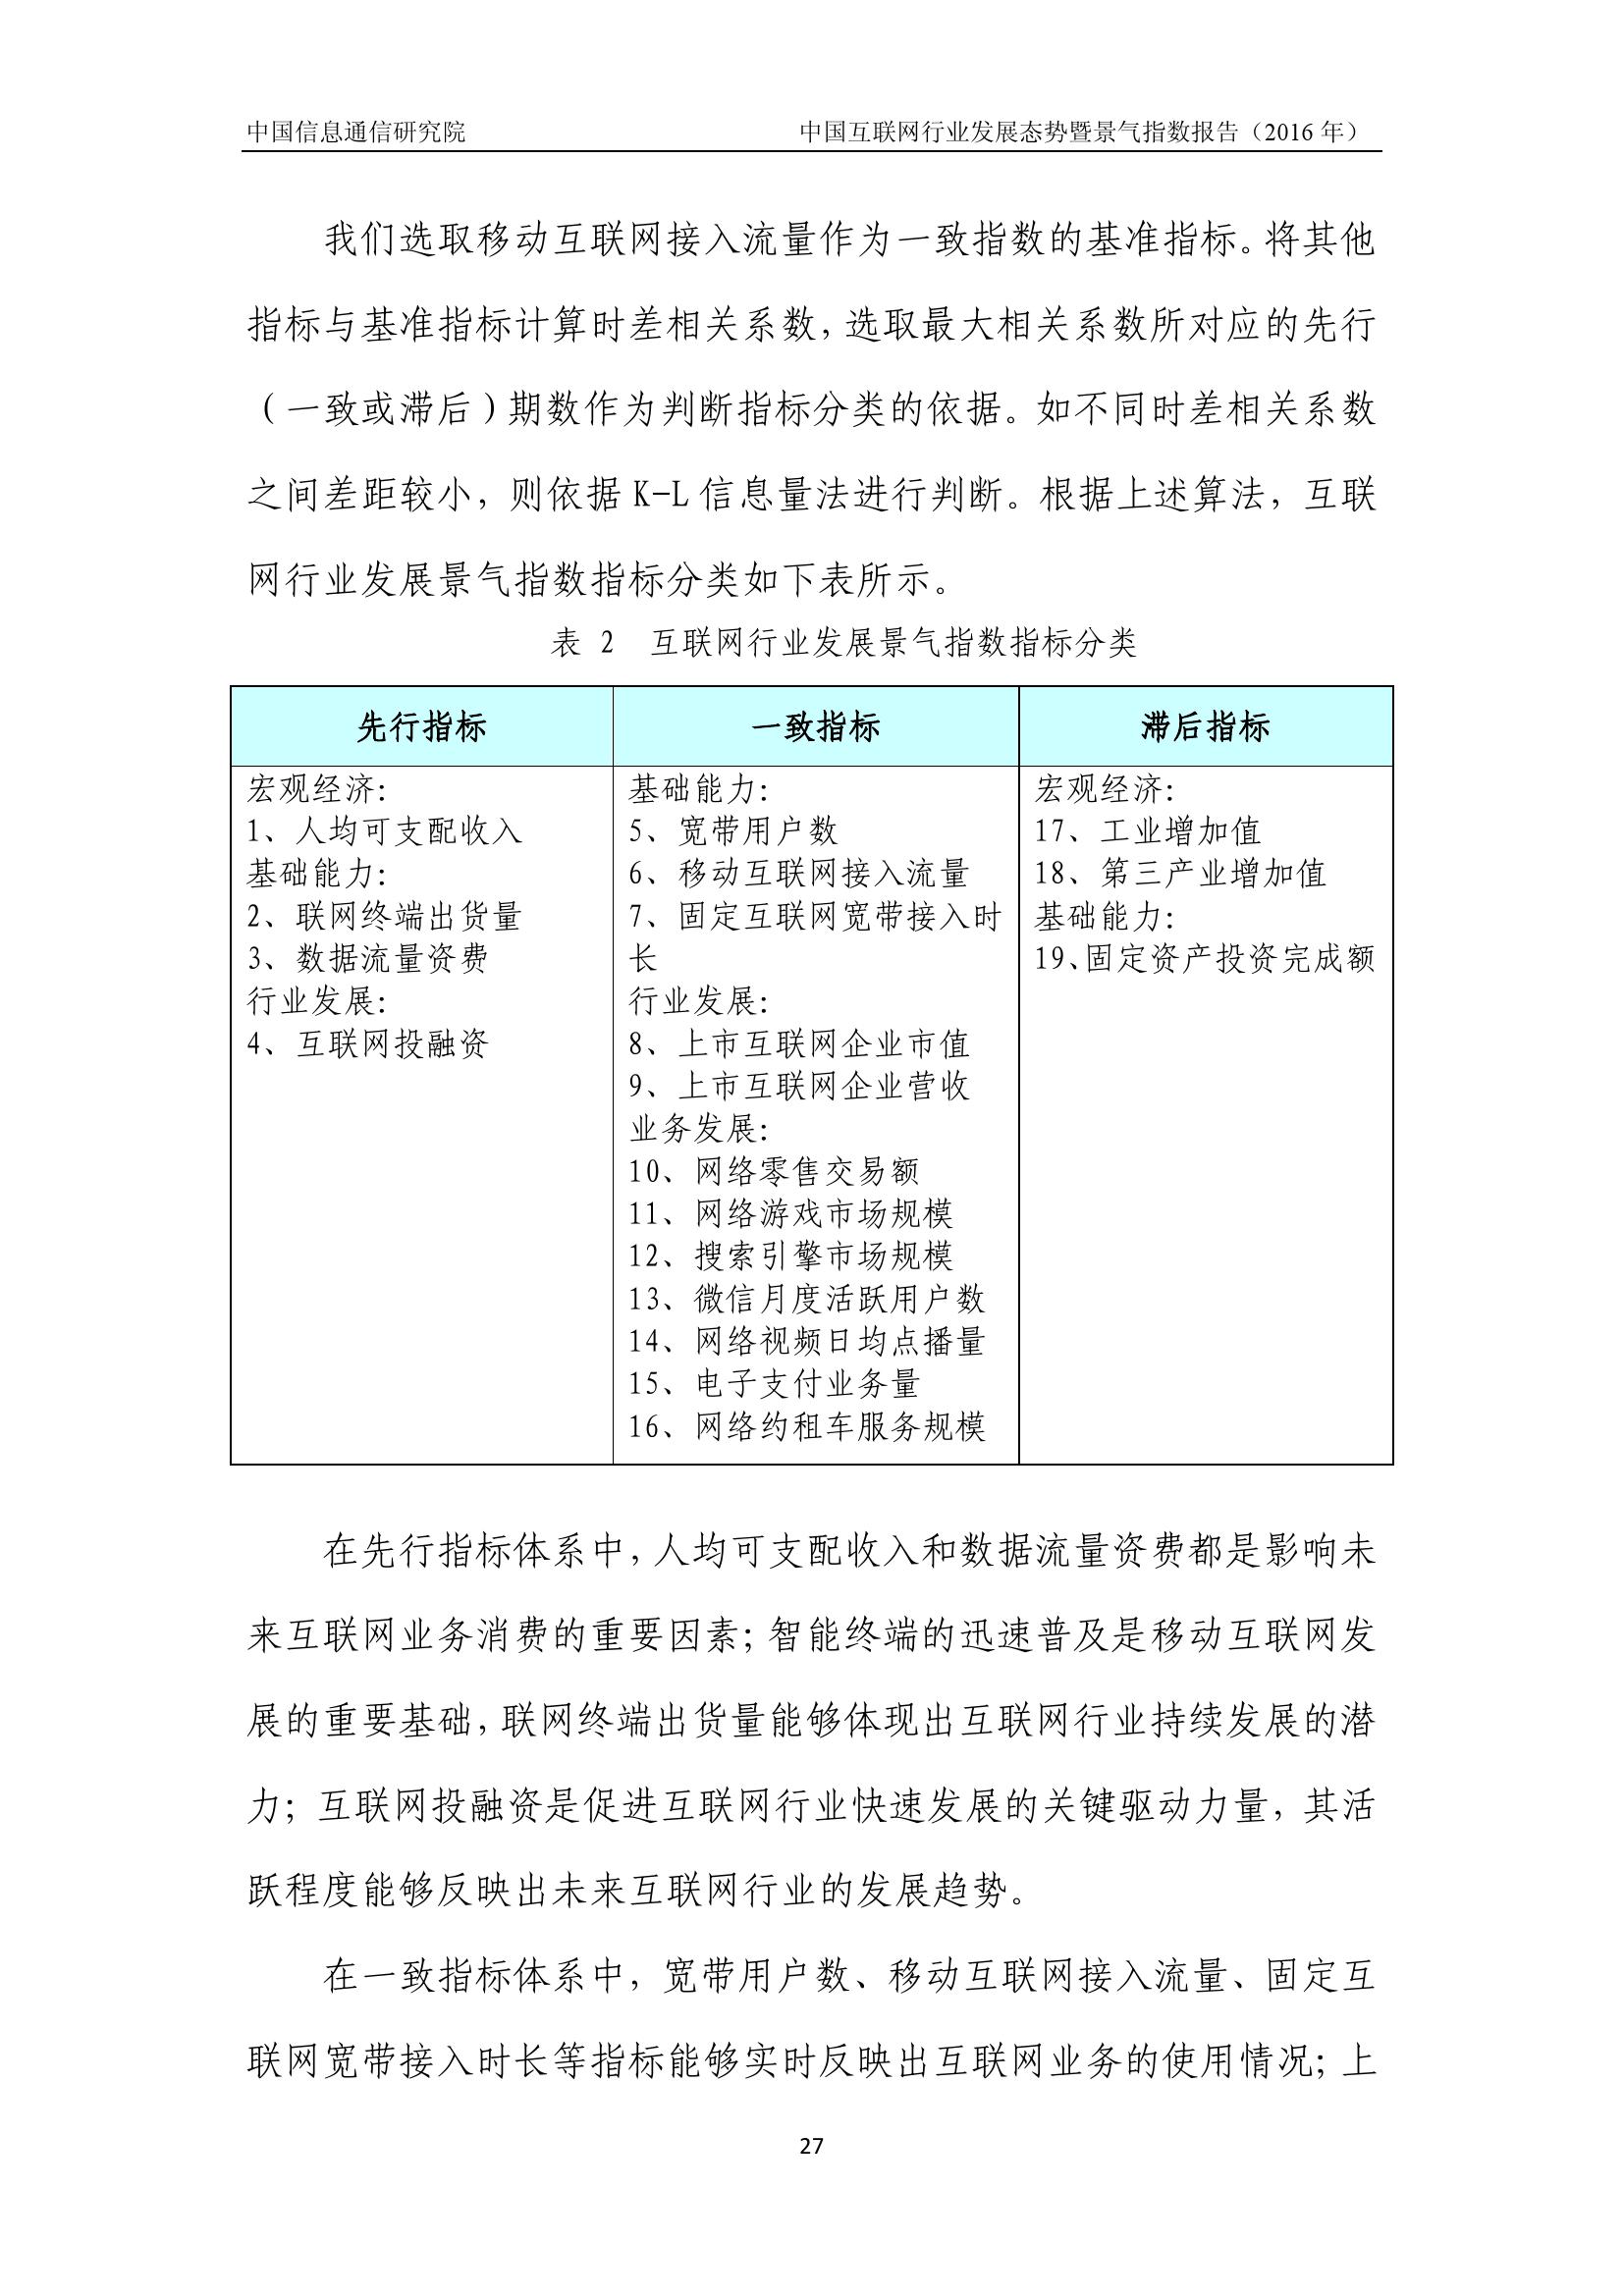 2016年中国互联网行业发展态势暨景气指数报告_000031